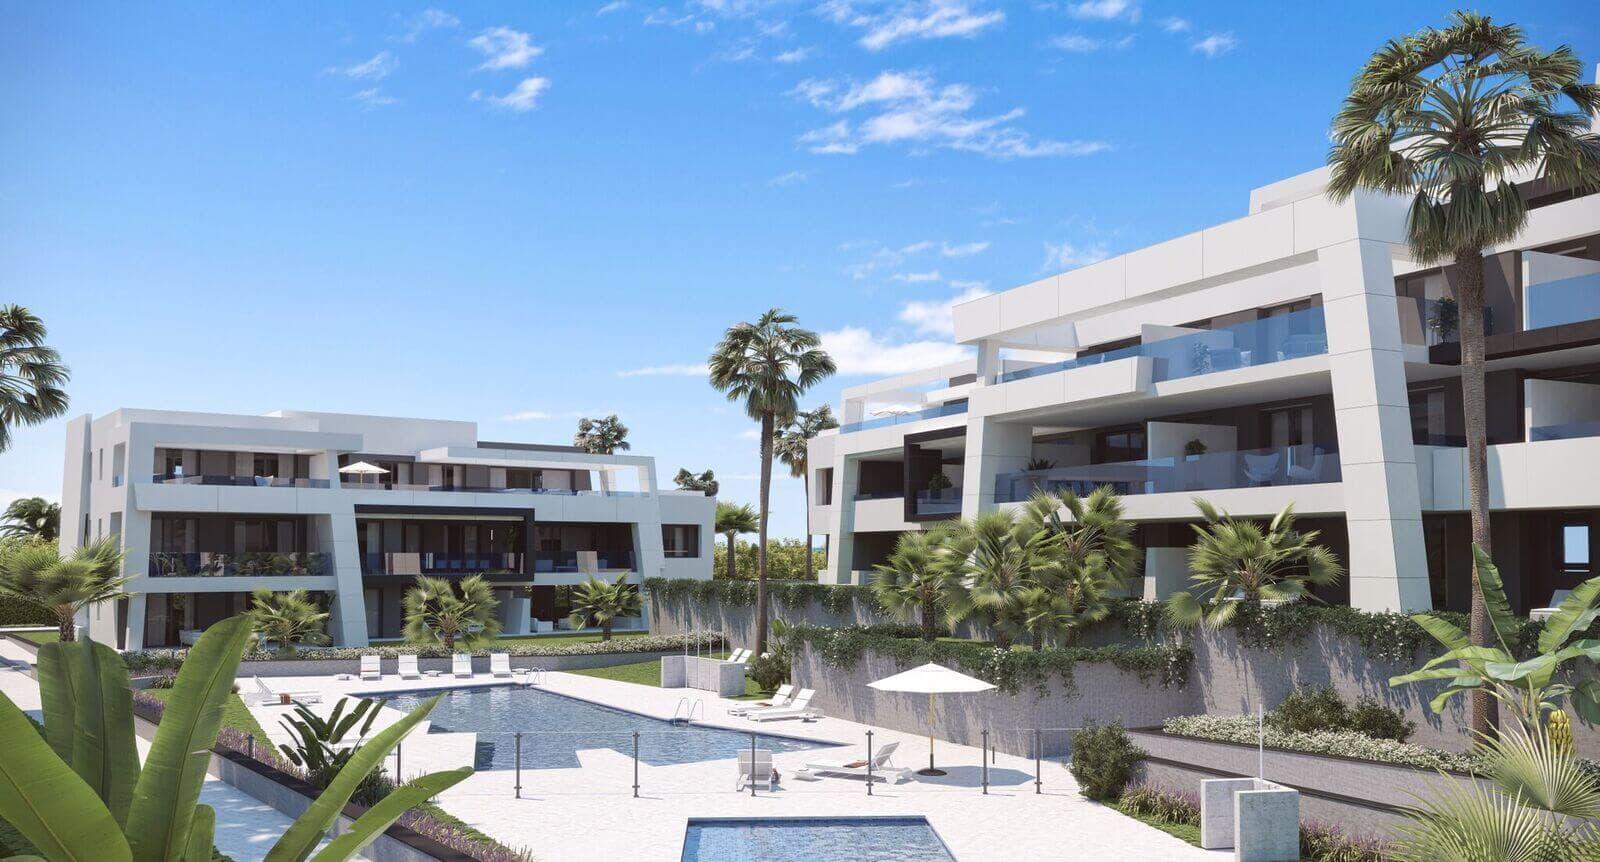 vanian green selwo new golden mile appartement kopen tuin zwembad